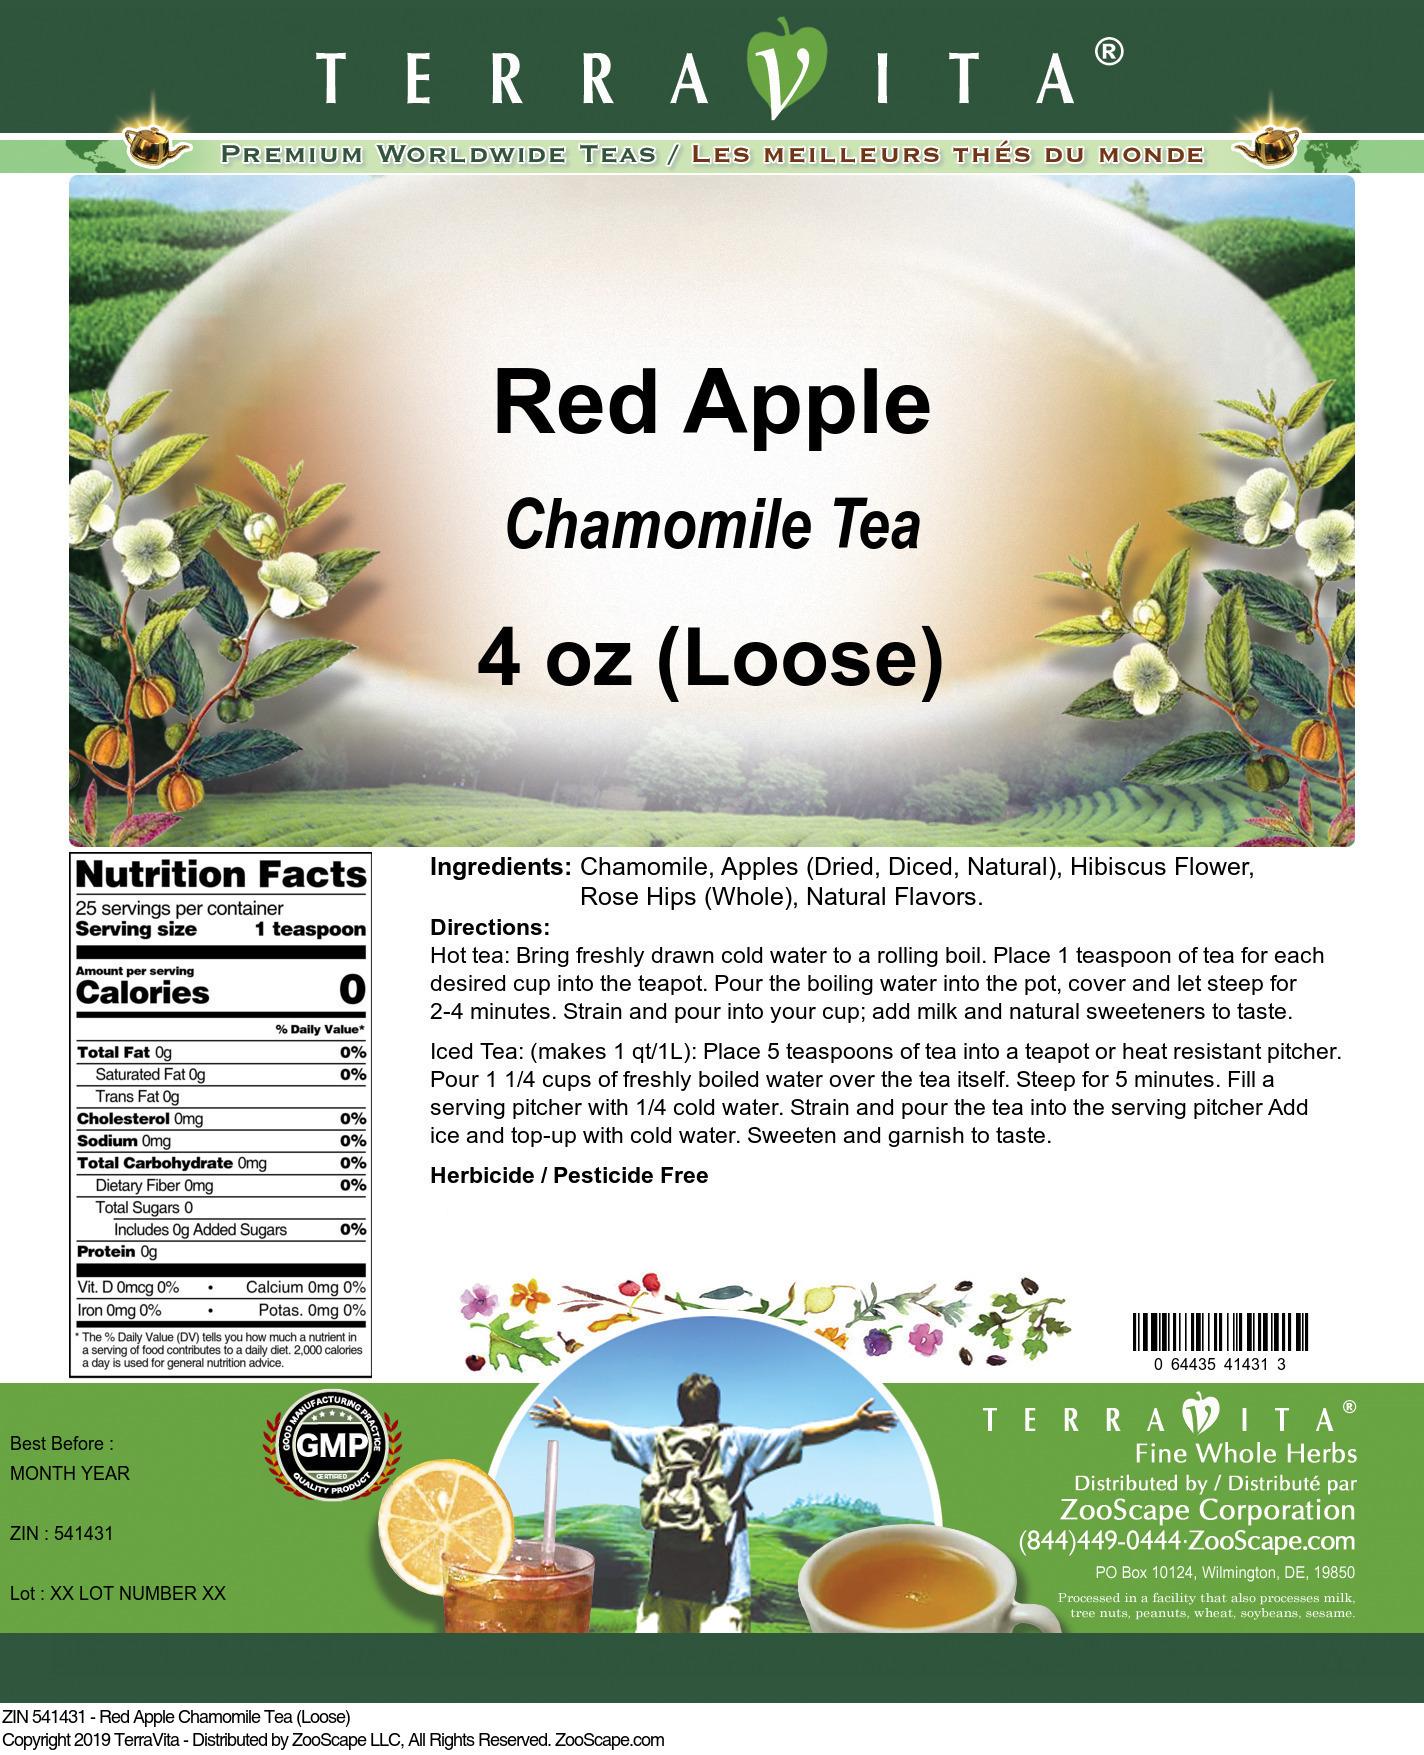 Red Apple Chamomile Tea (Loose)